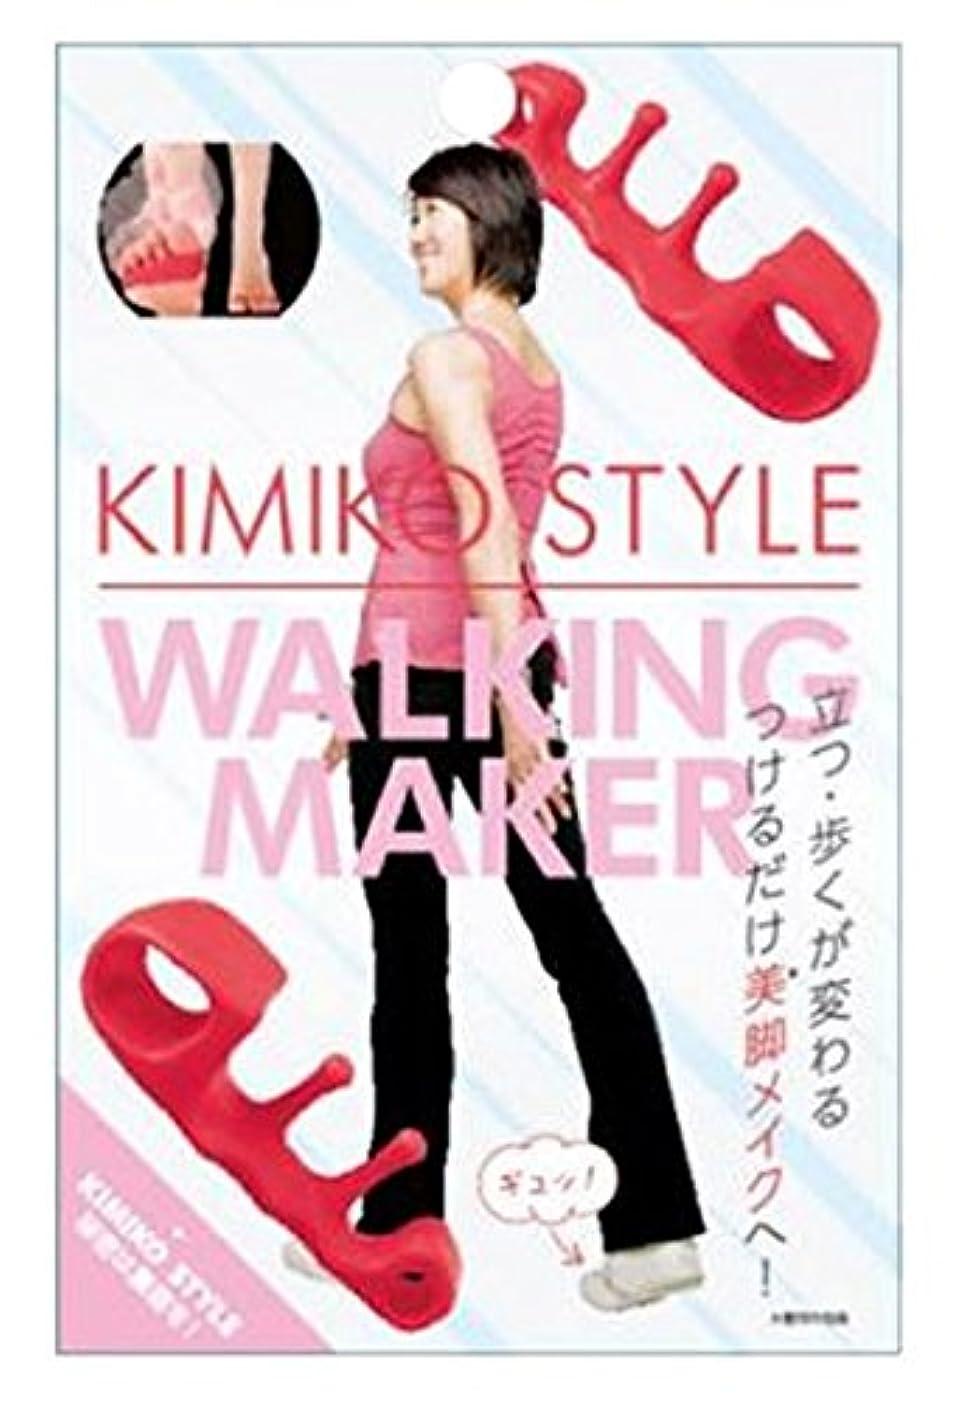 同一性トレーダー限られたKIMIKO STYLE WALKING MAKER キミコスタイルウォーキングメーカー